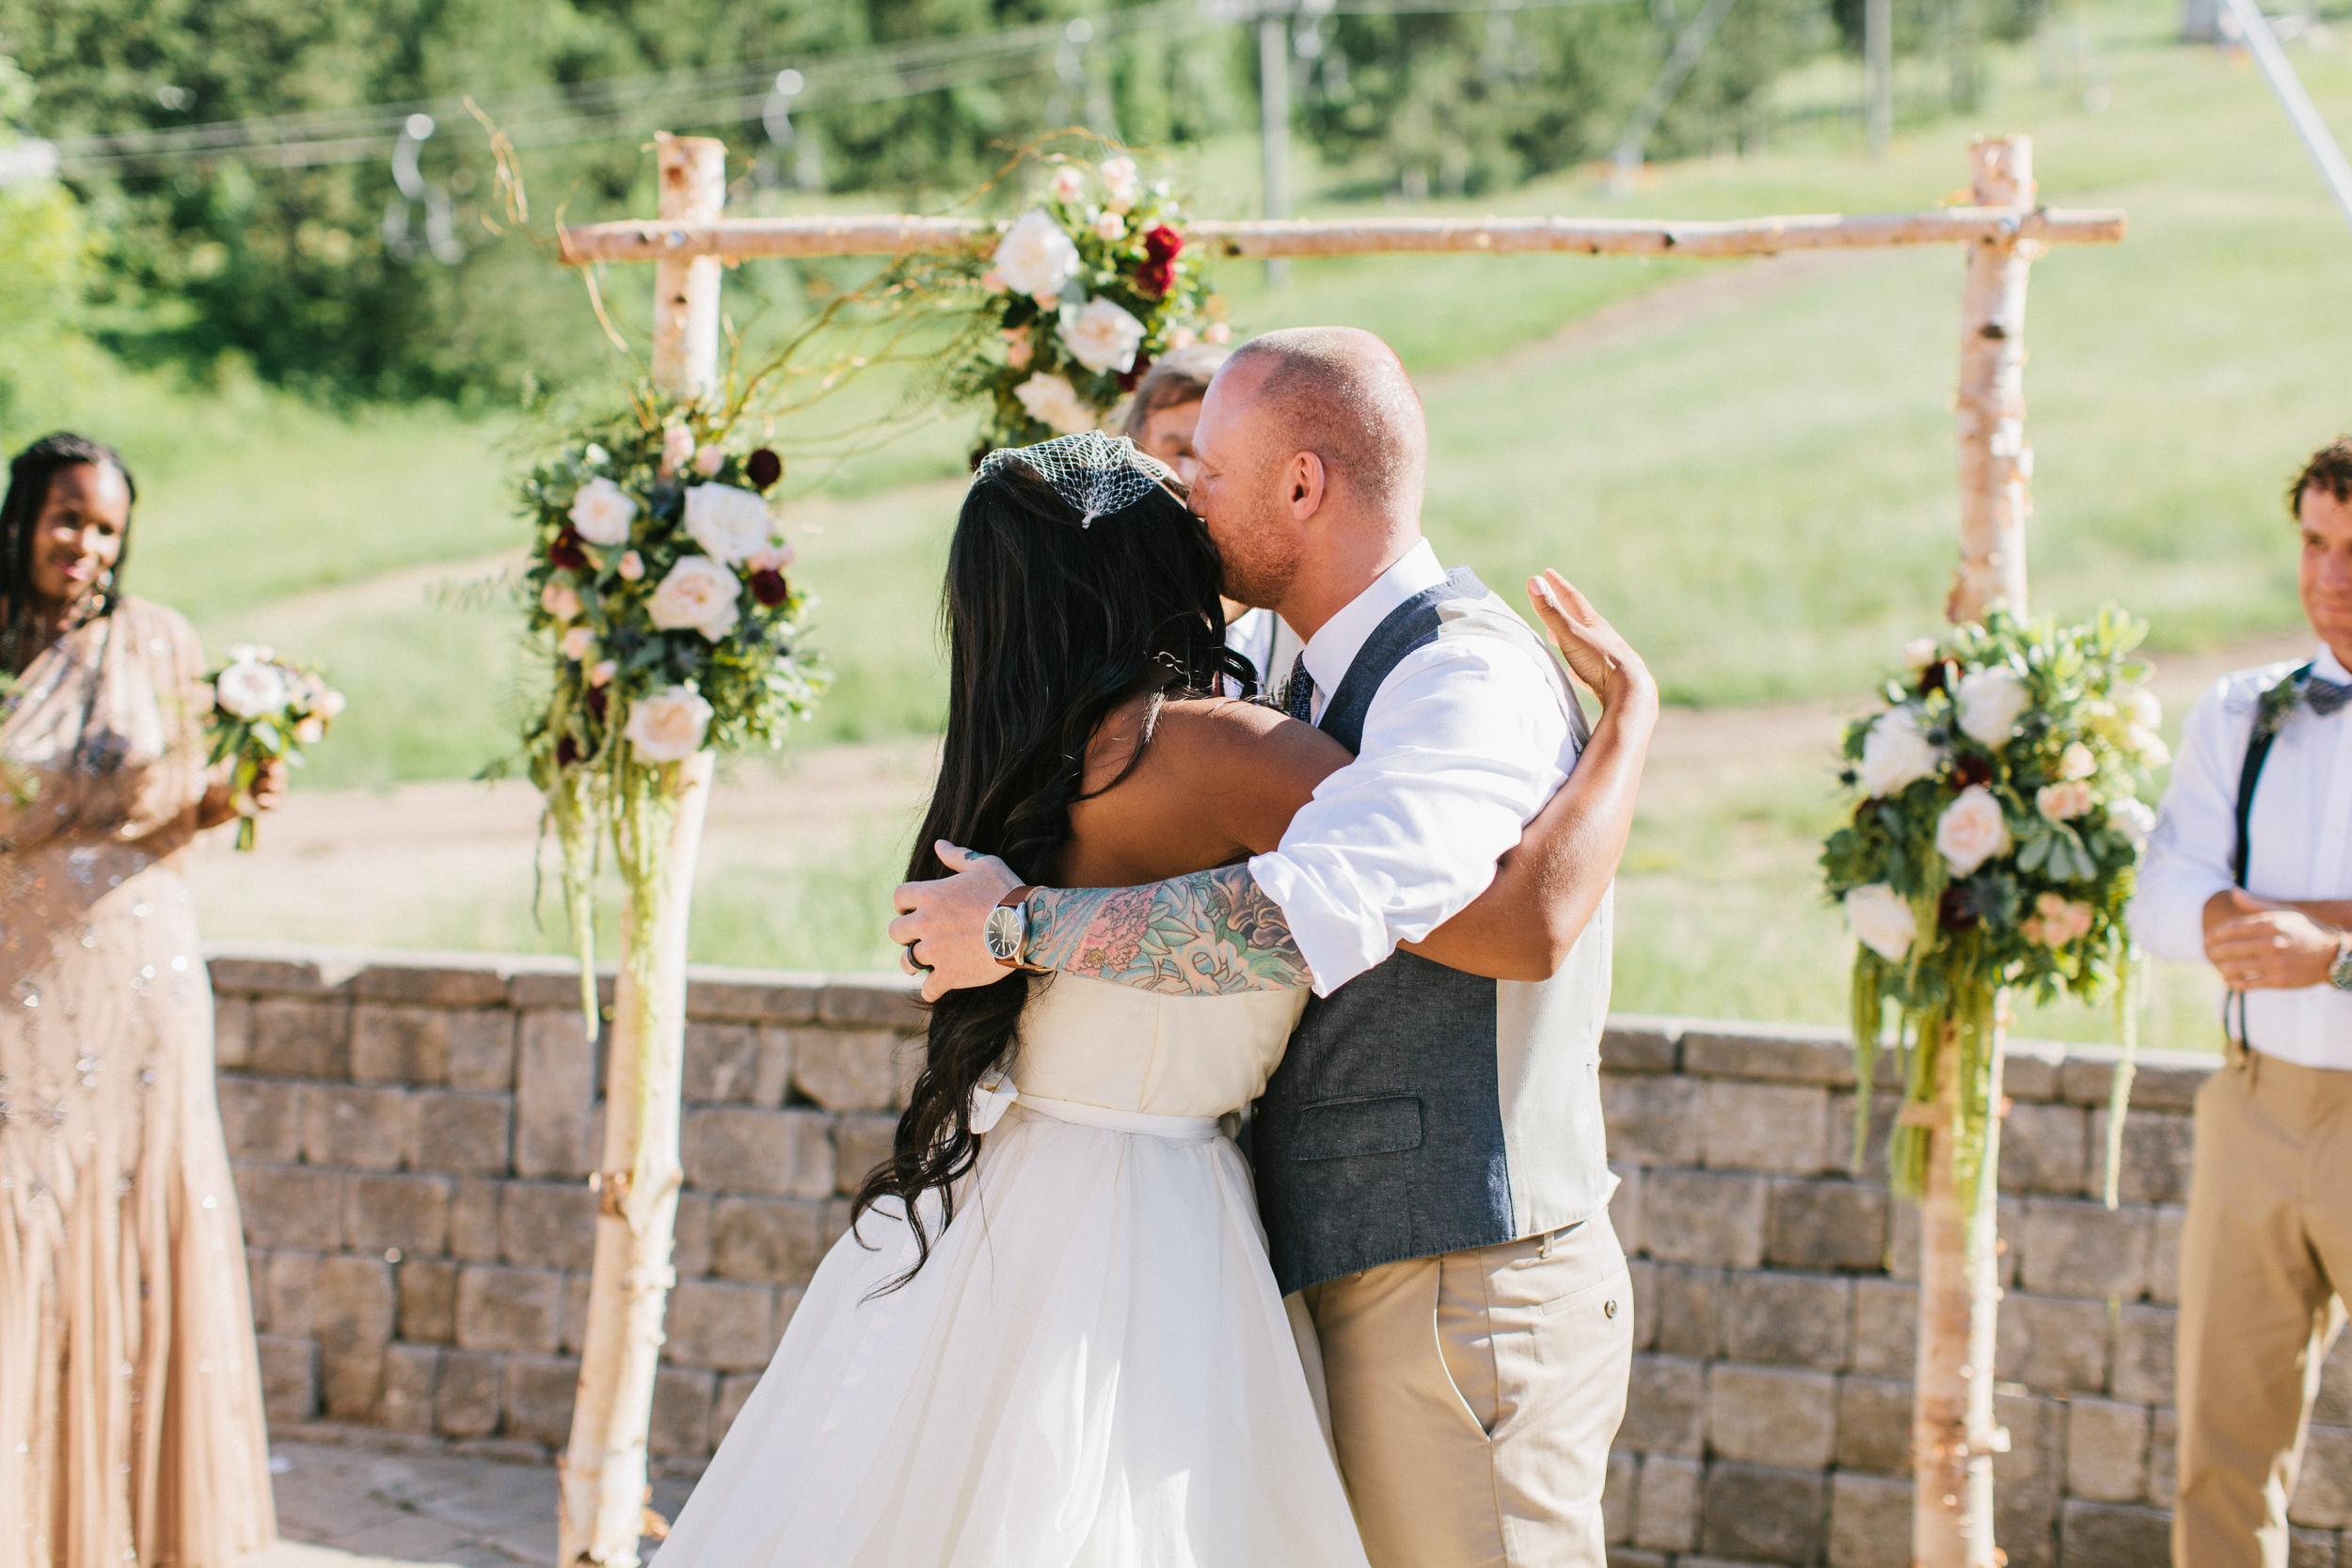 michael-rousseau-photography-shannae-ingleton-wedding-sean-craigleith-ski-club-wedding051.jpg